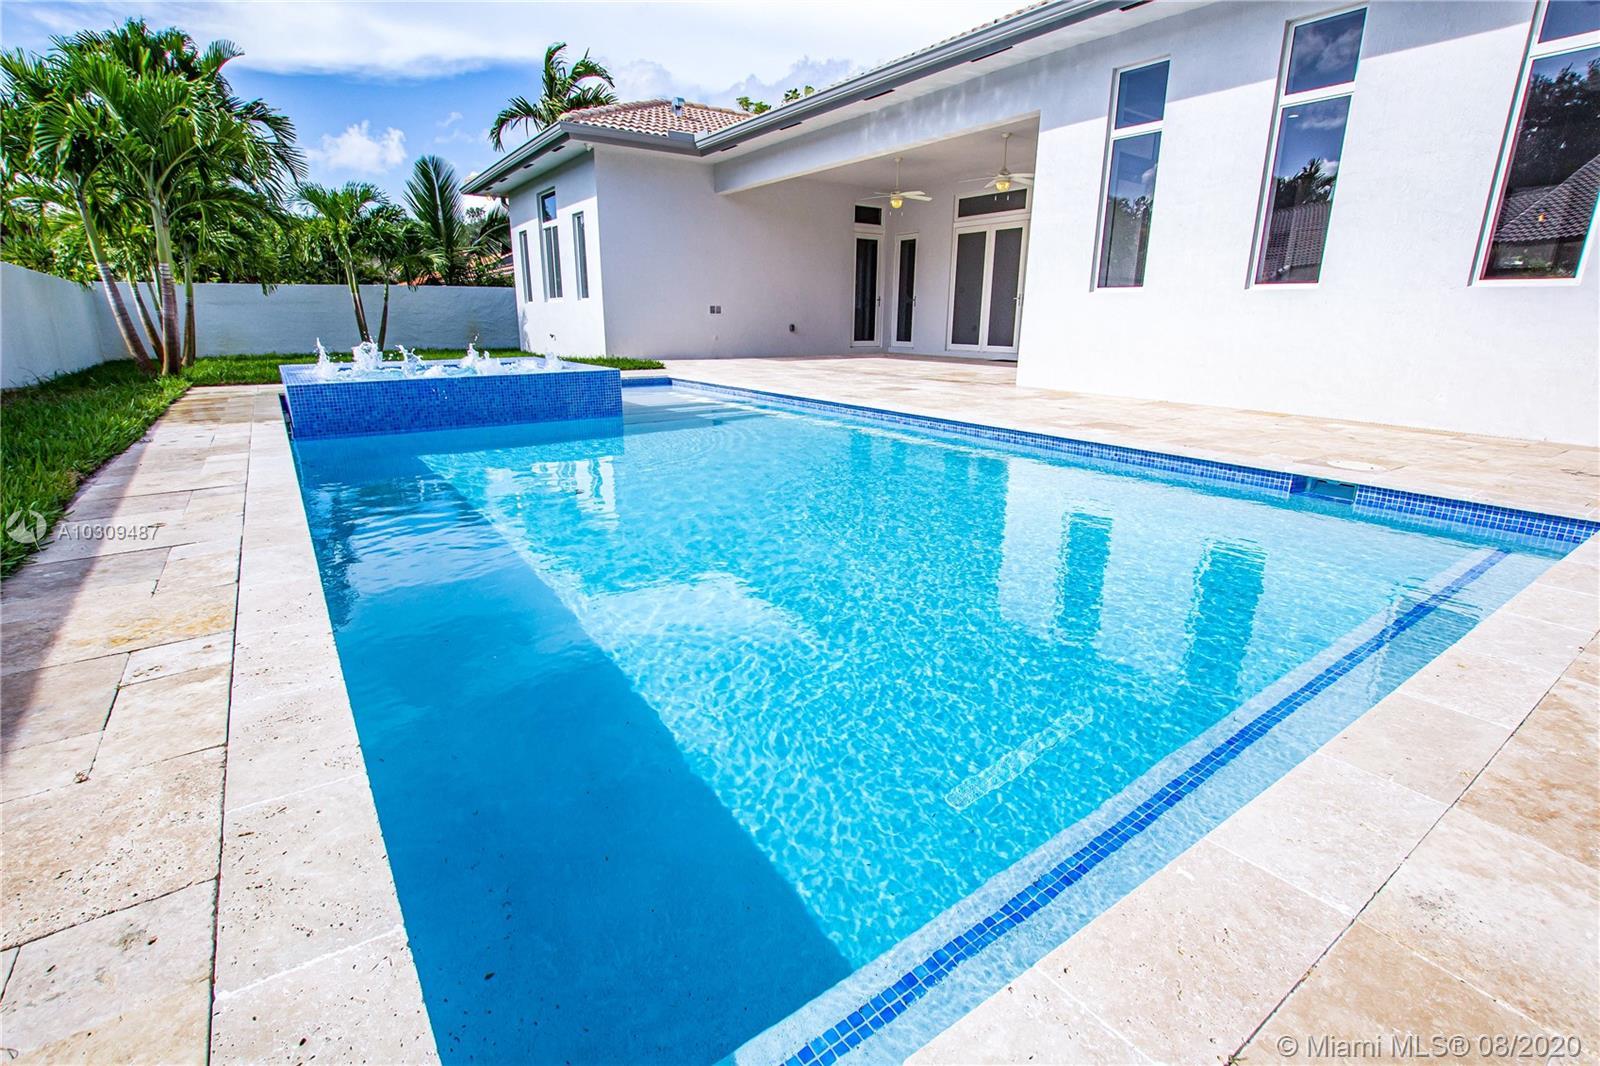 16907 NW 83rd Pl, Miami Lakes, Florida image 4